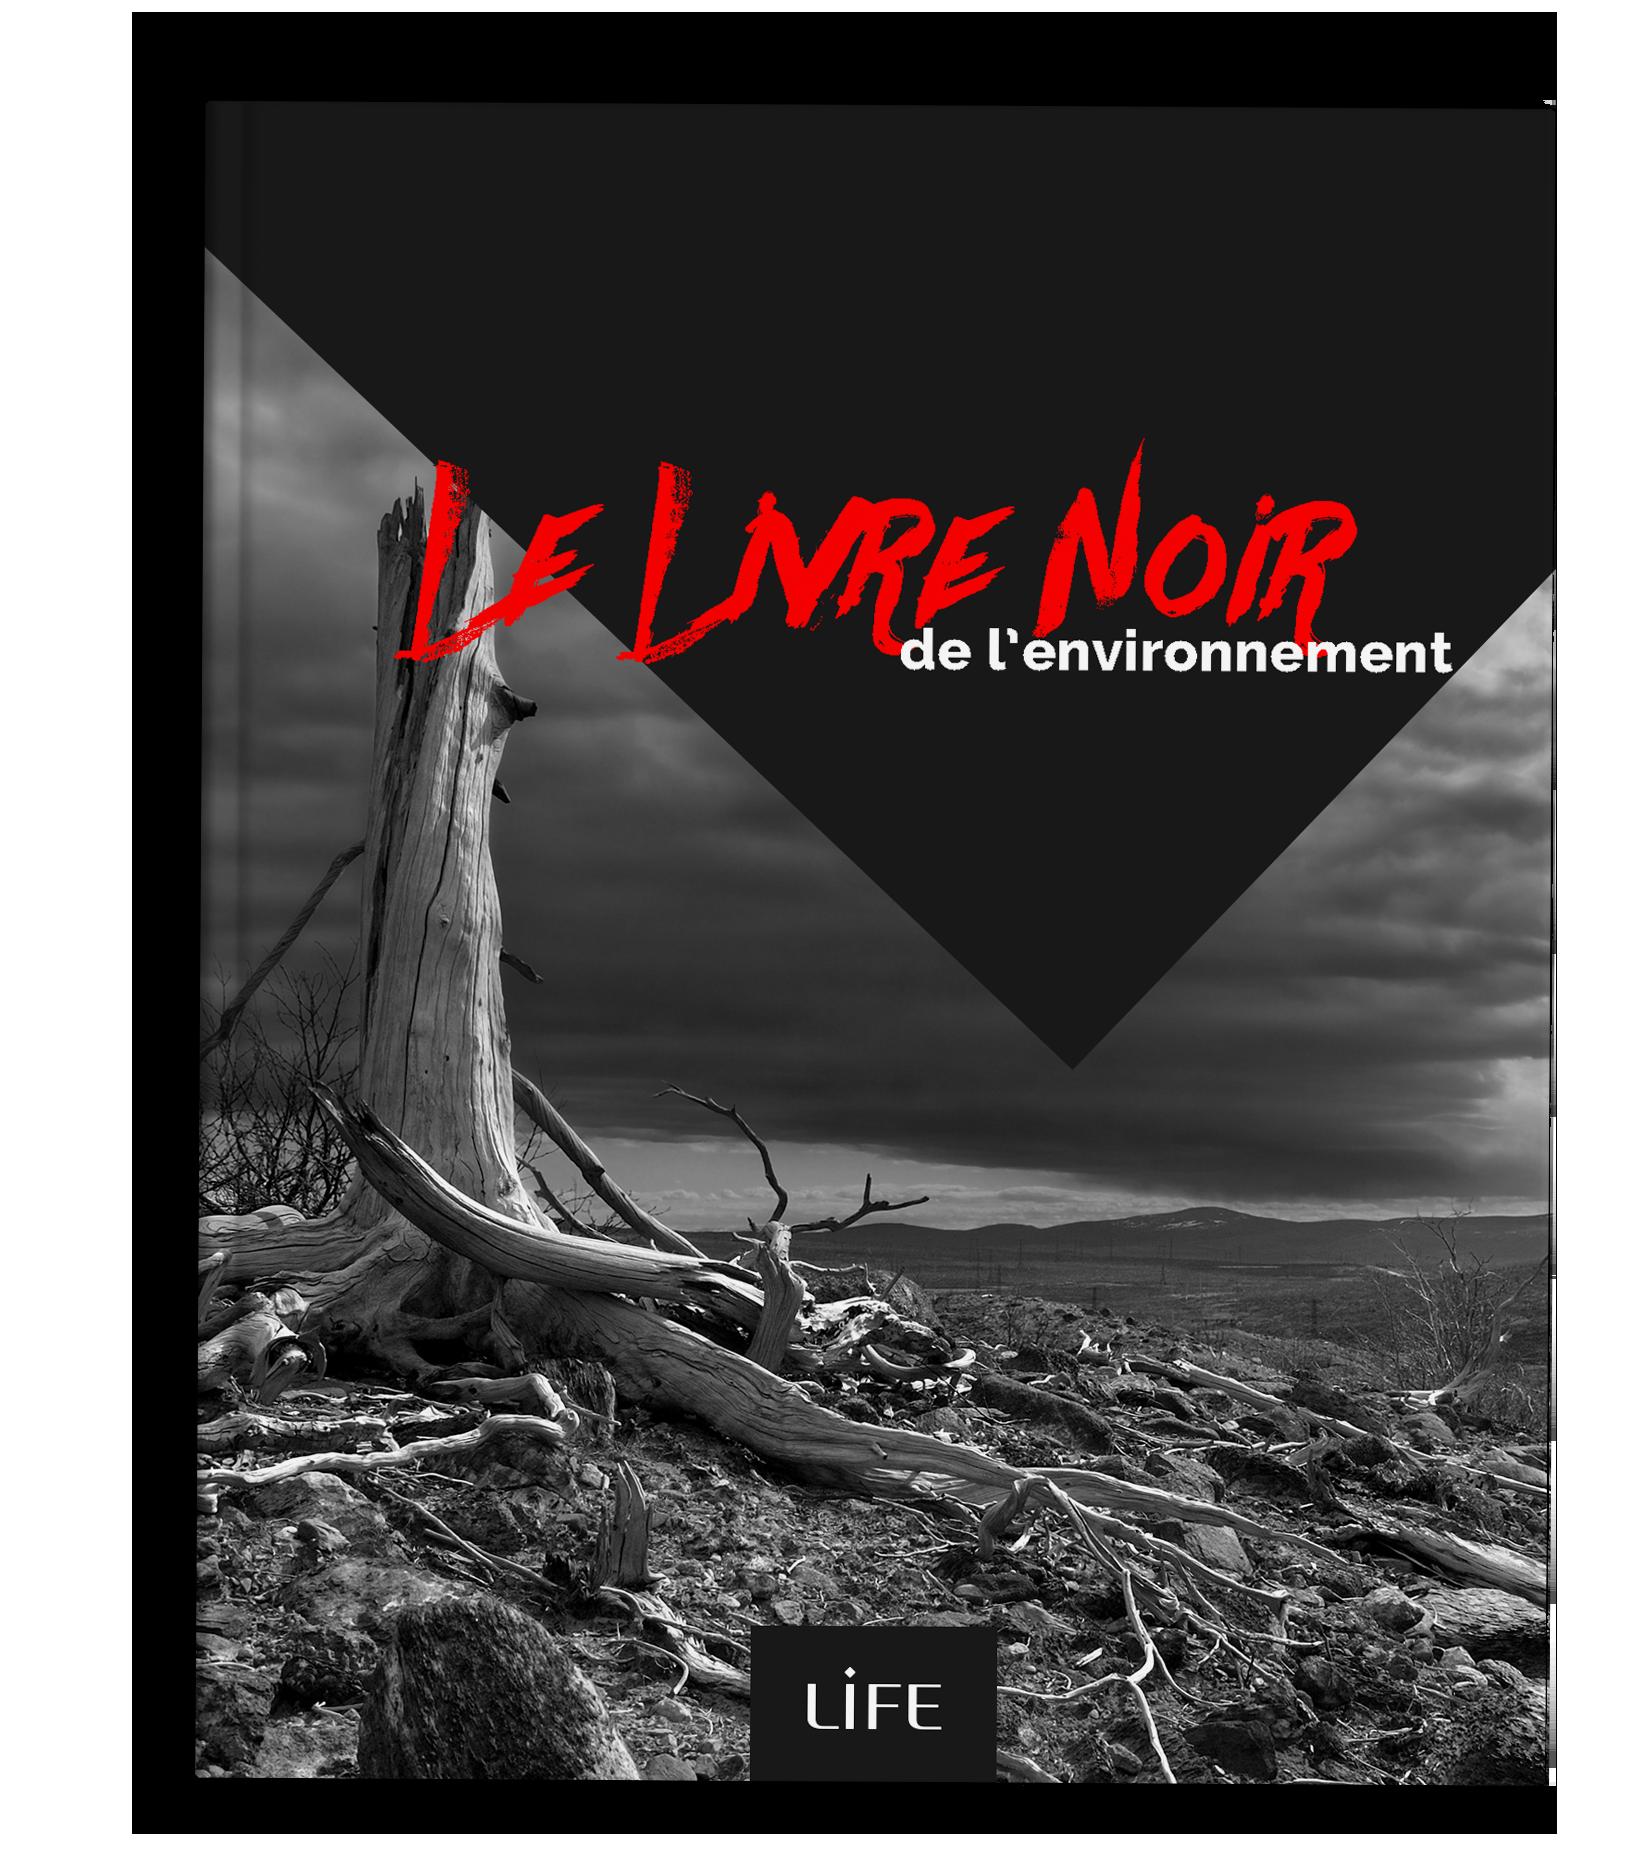 Ebook, le livre noir de l'environnement LIFE